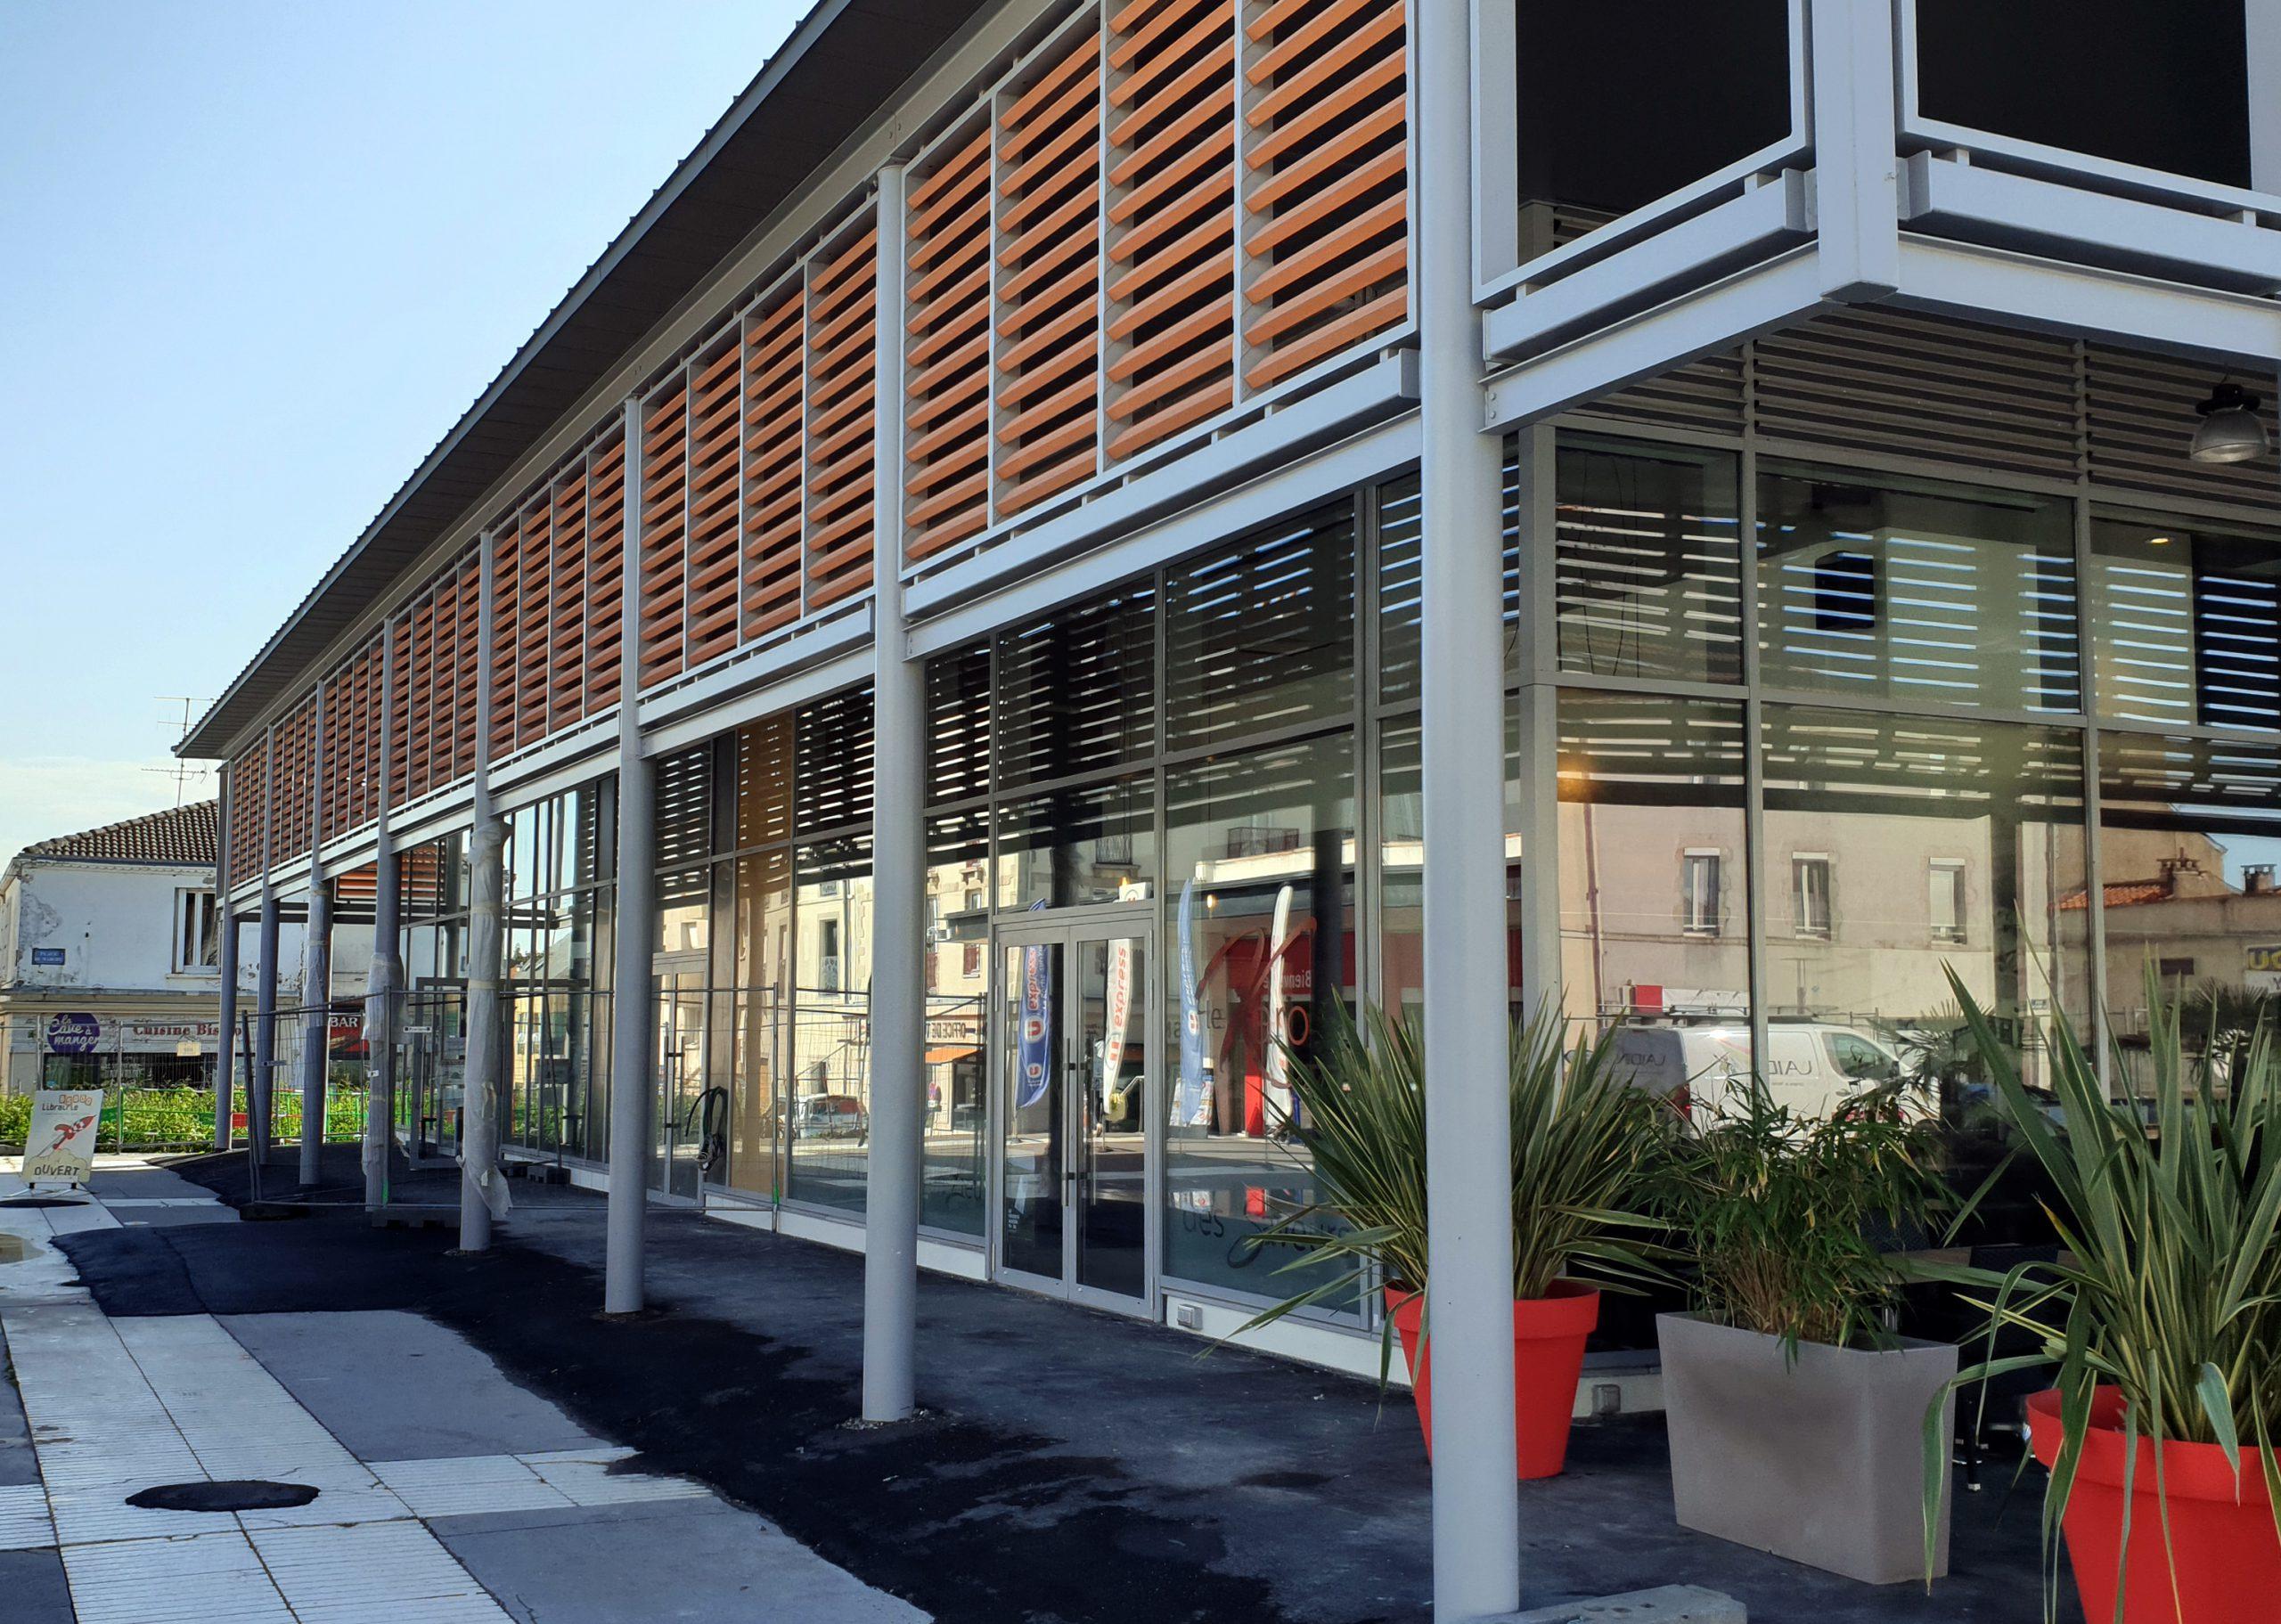 Quartier des Halles à la Roche-sur-Yon, vue sur les magasins/bars/restaurants et les brise-soleils